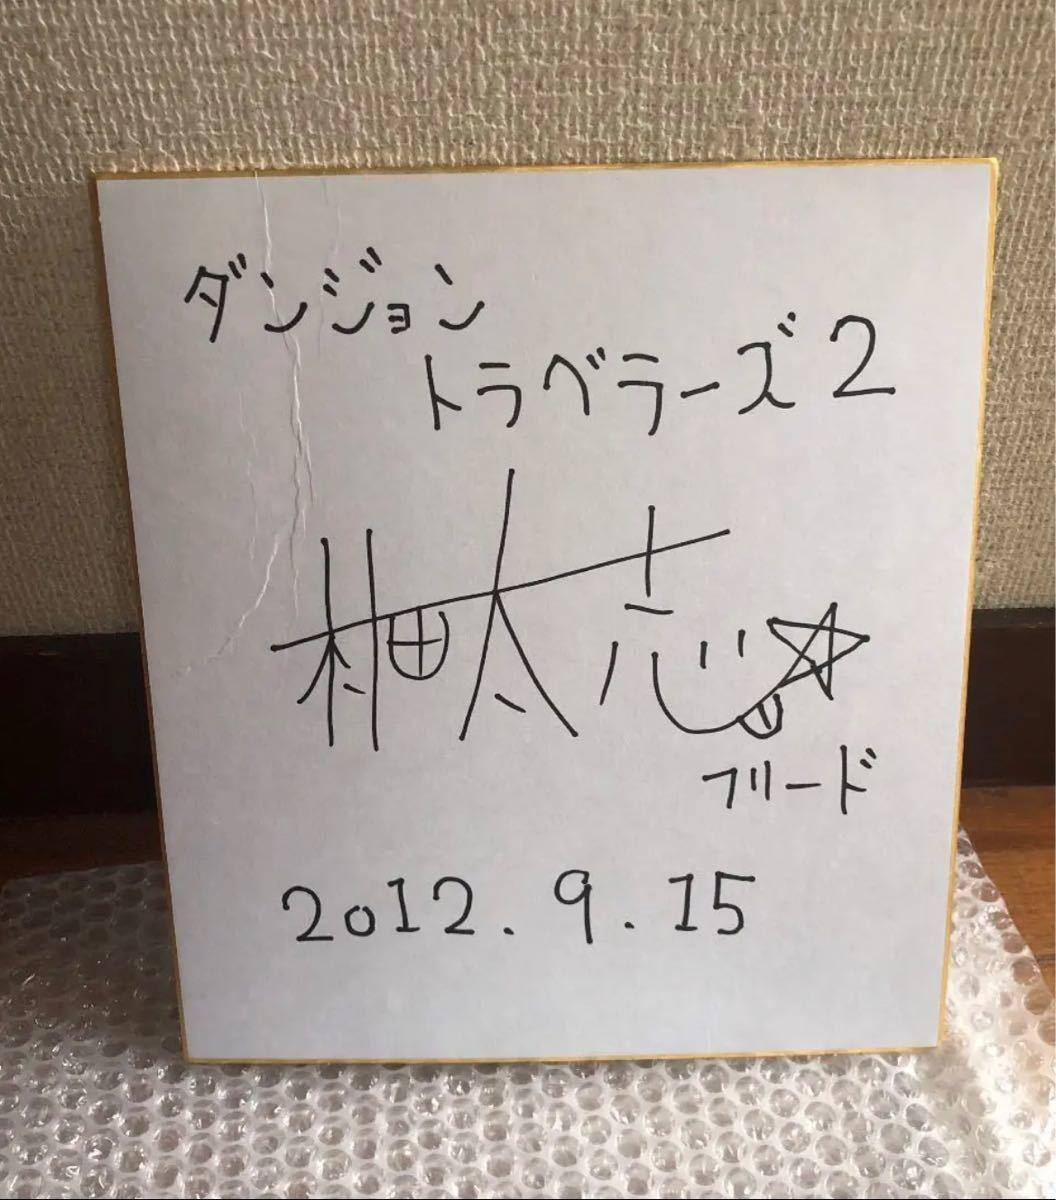 村田太志様直筆サイン色紙 サイン色紙